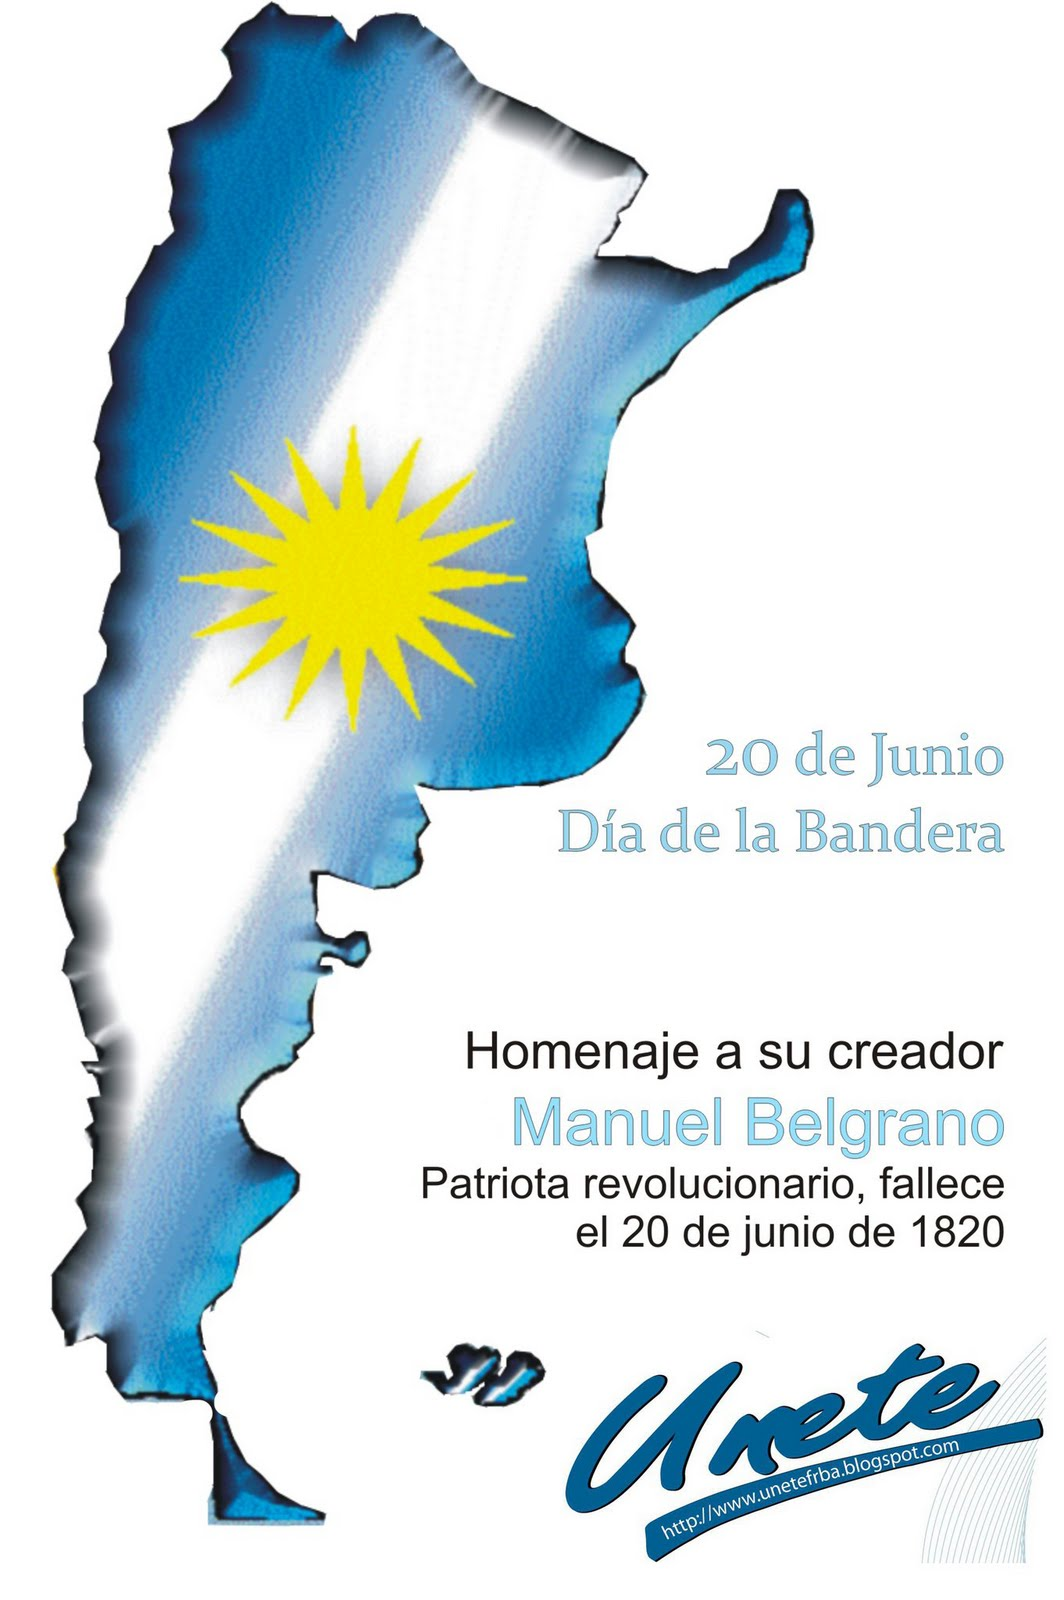 20 de Junio, Día de la Bandera. Homenaje a su creador Manuel Belgrano